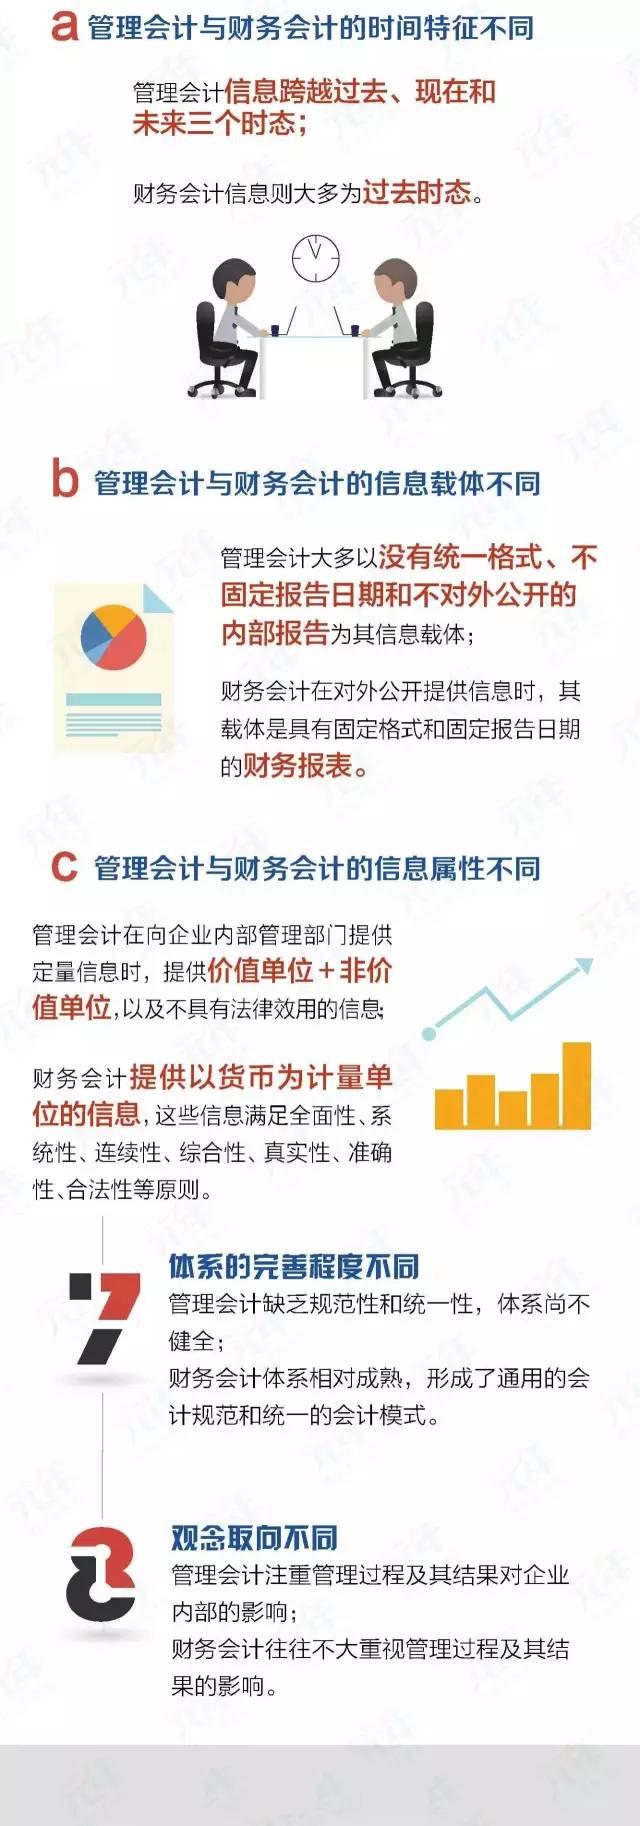 【财务分析】一张图看清管理会计与财务会计的关系 〖财务分析〗 第3张